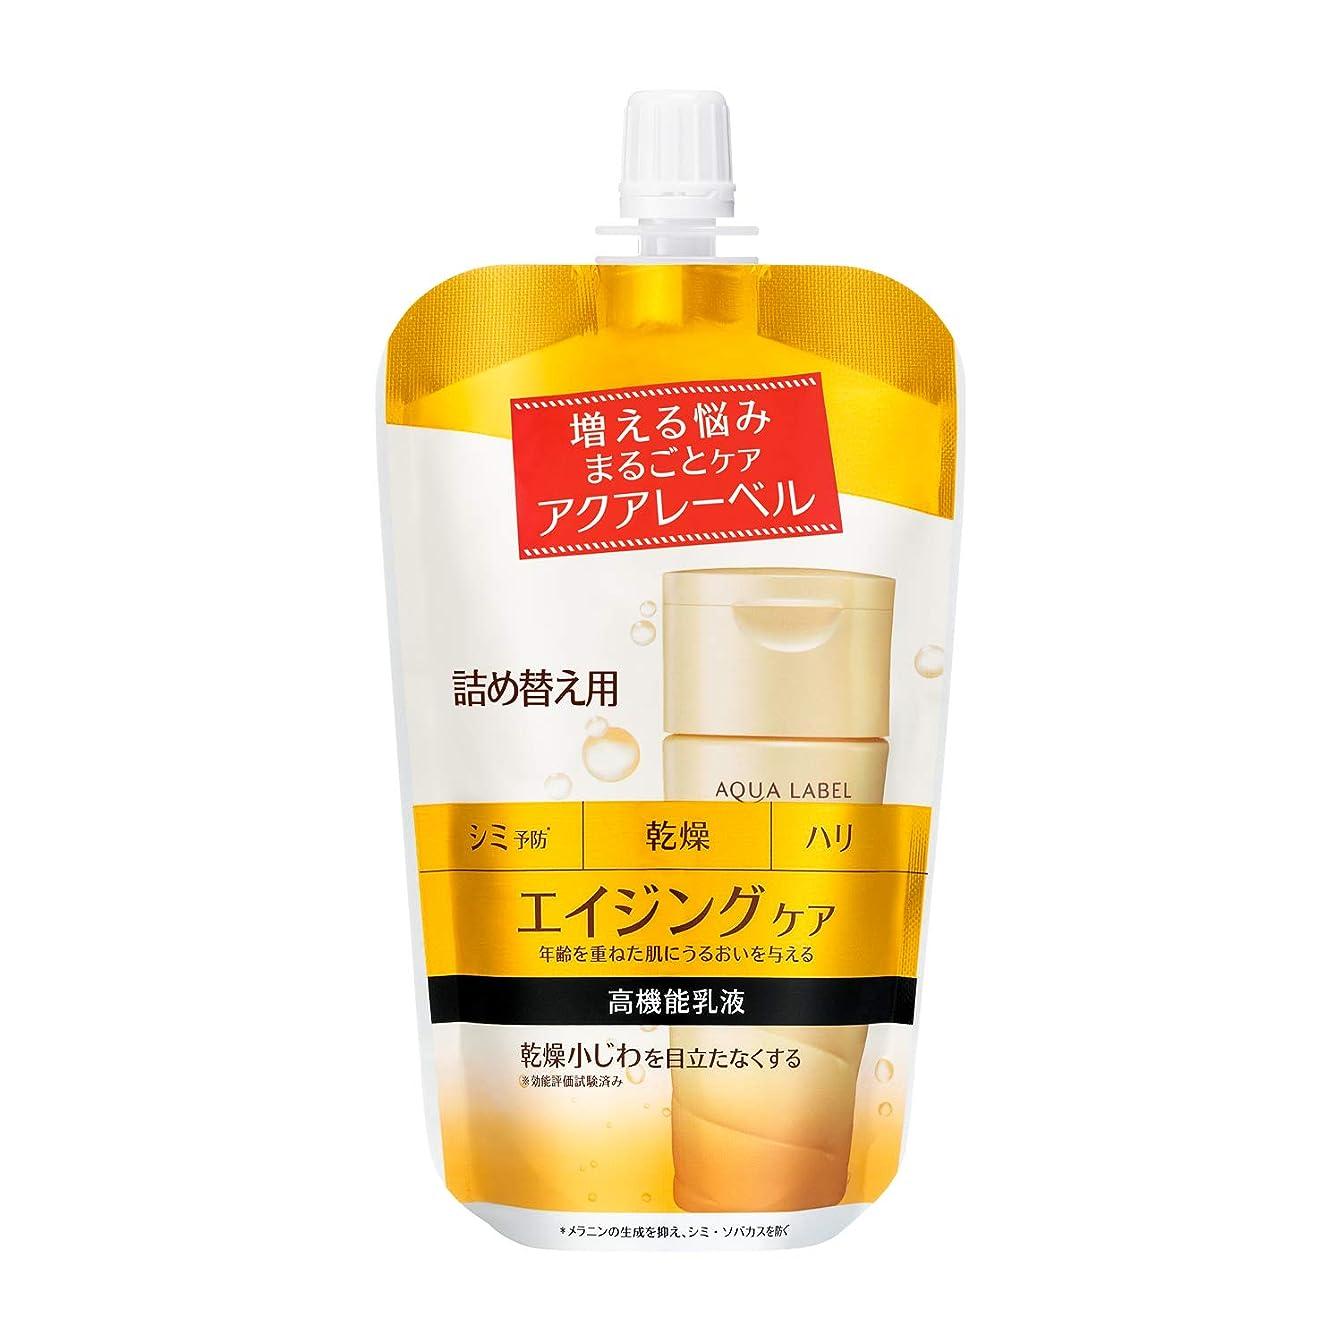 リッチ数豆アクアレーベル バウンシングケア ミルク (詰め替え用) 117mL 【医薬部外品】